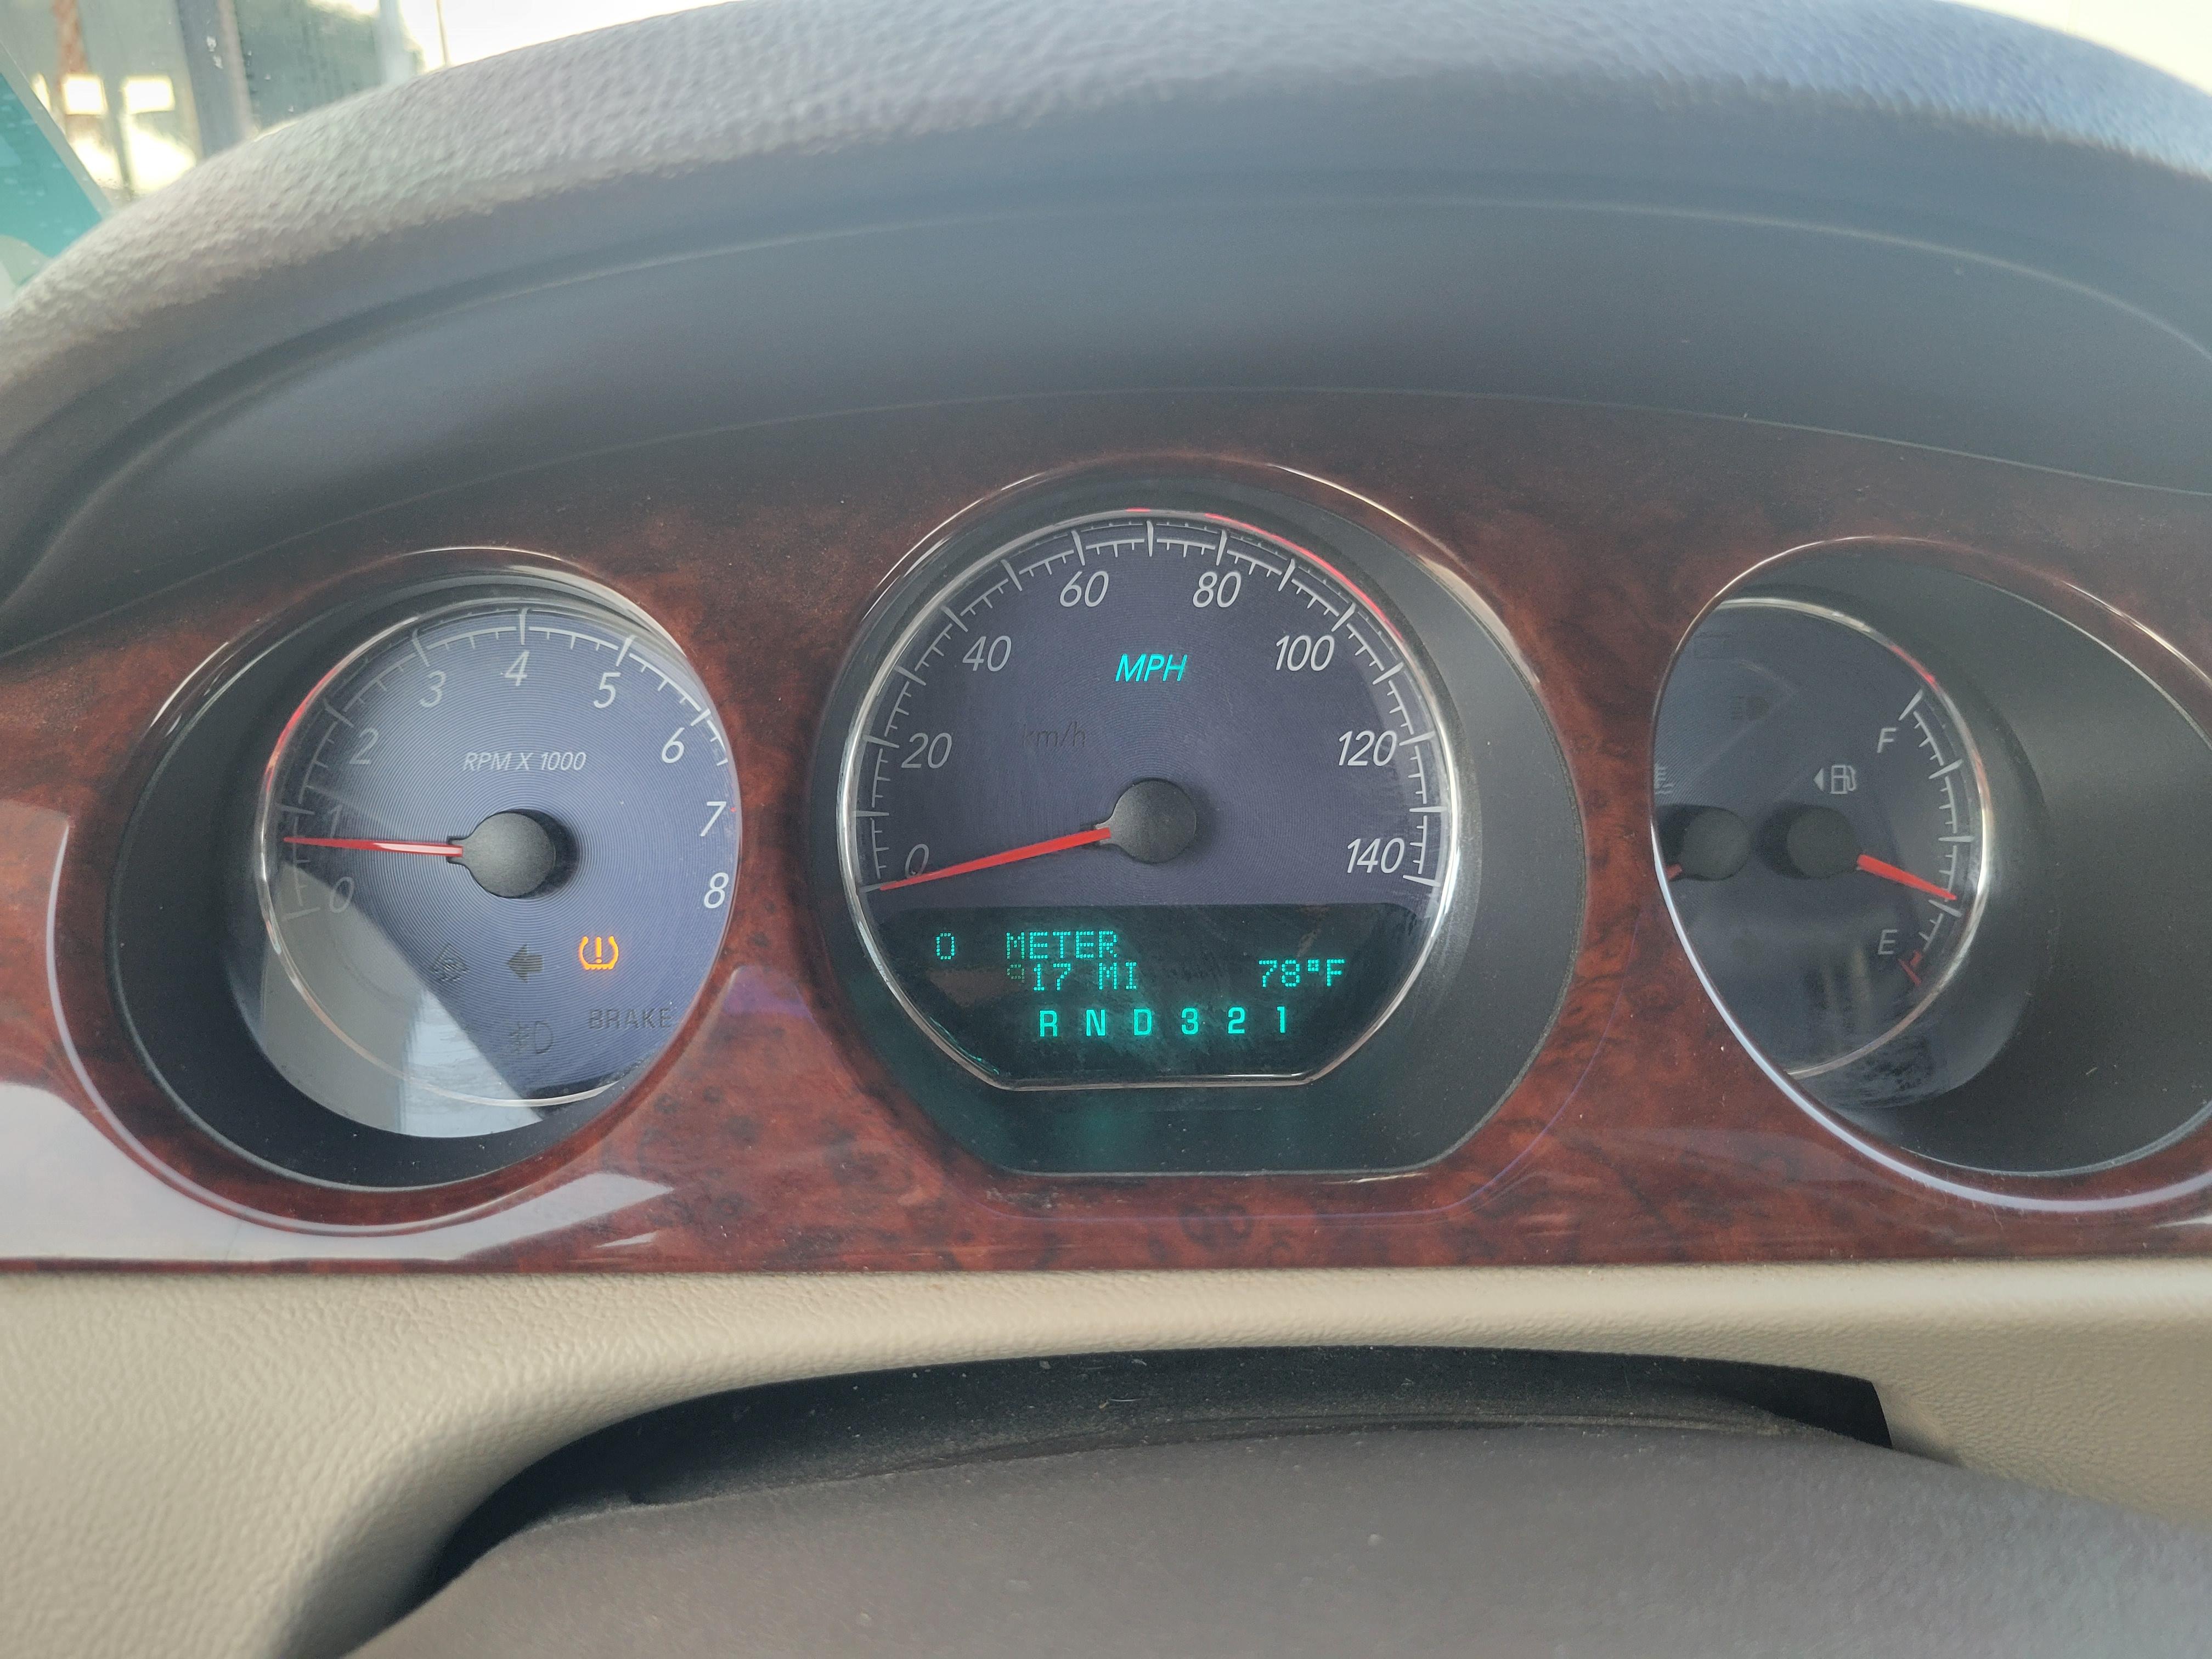 used vehicle - Sedan BUICK LUCERNE 2007